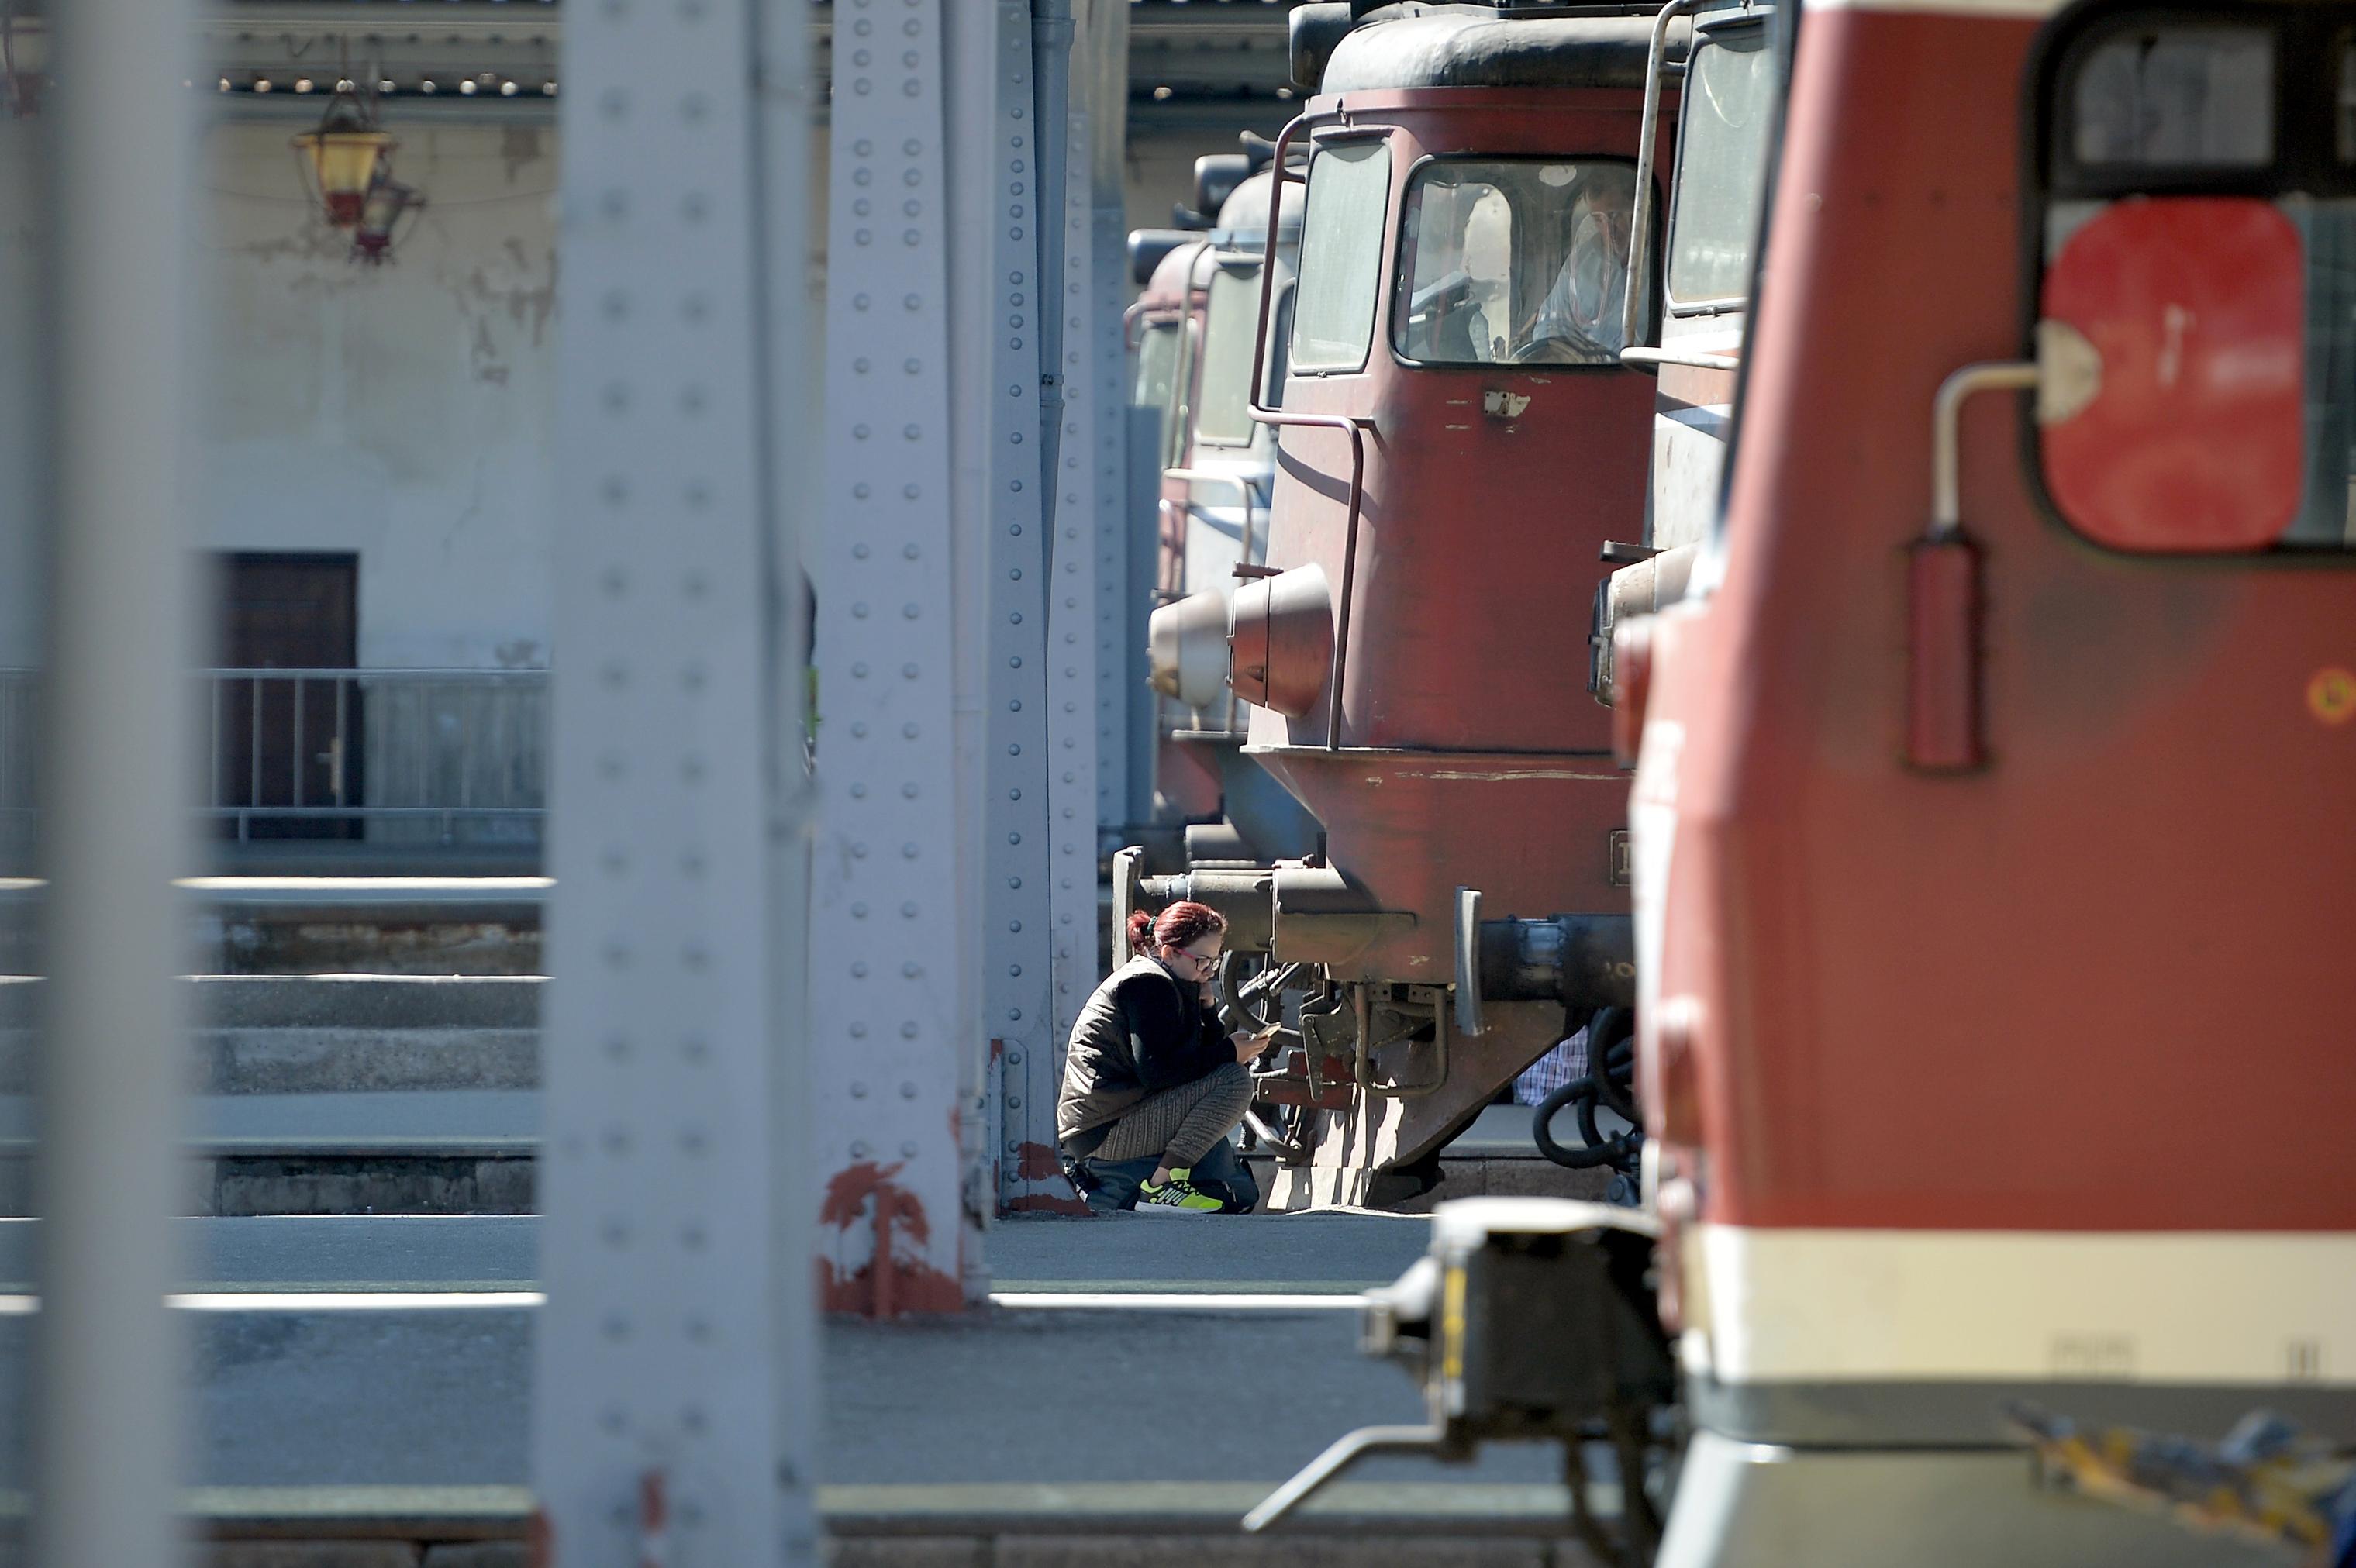 Trafic feroviar restricţionat între Mehedinţi şi Caraş Severin. Pasagerii vor fi transbordaţi